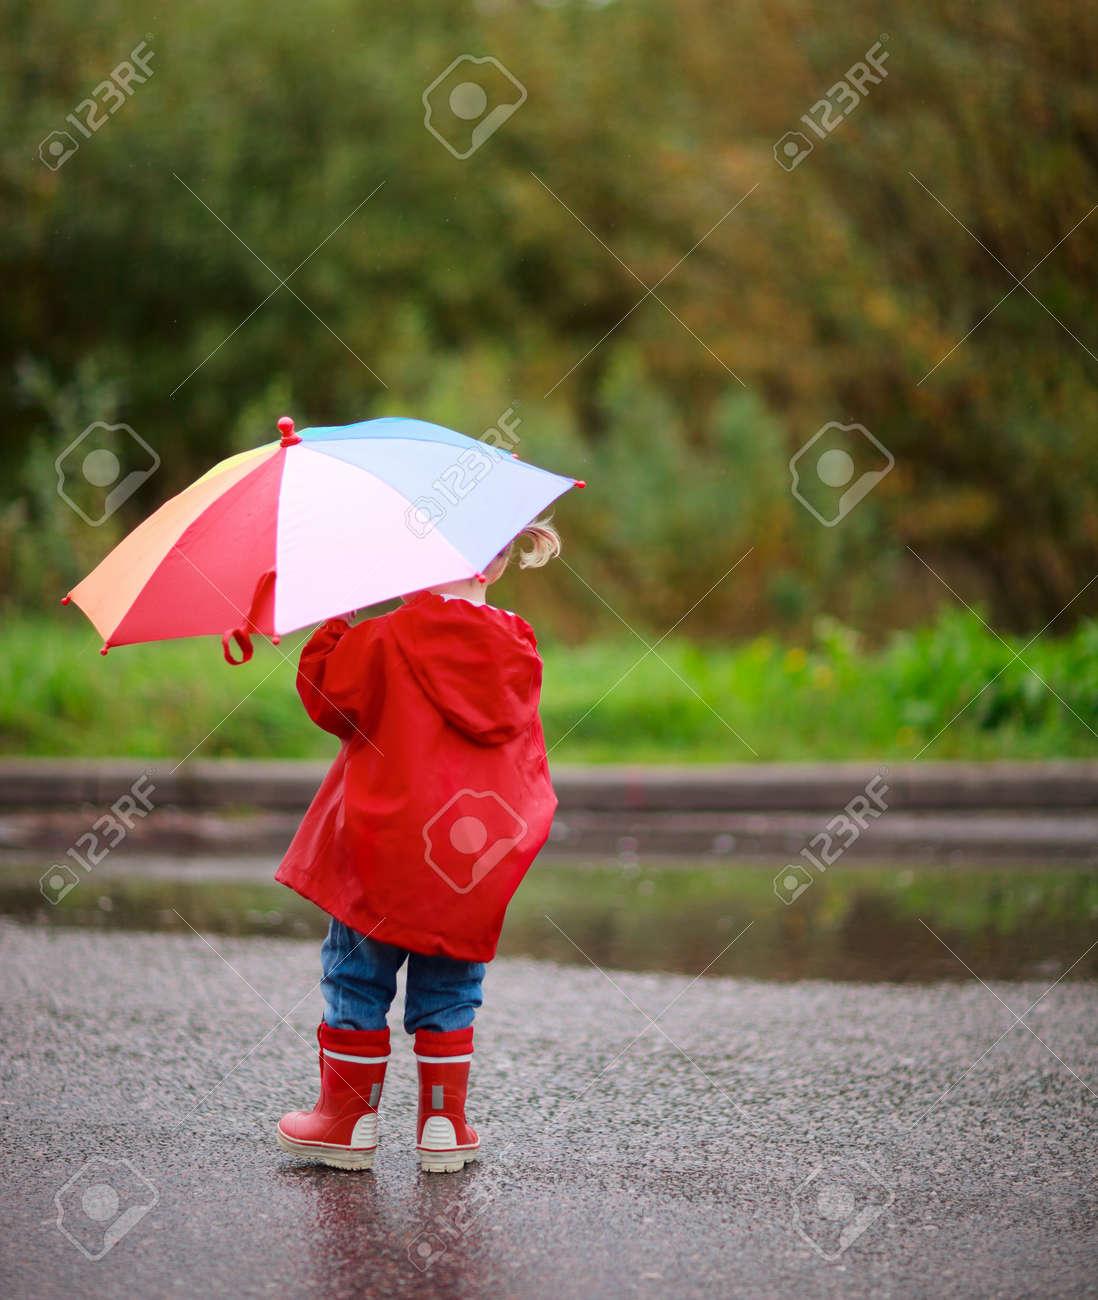 banque dimages fille enfant adorable avec lextrieur lautomne parapluie color jour de pluie - Parapluie Color